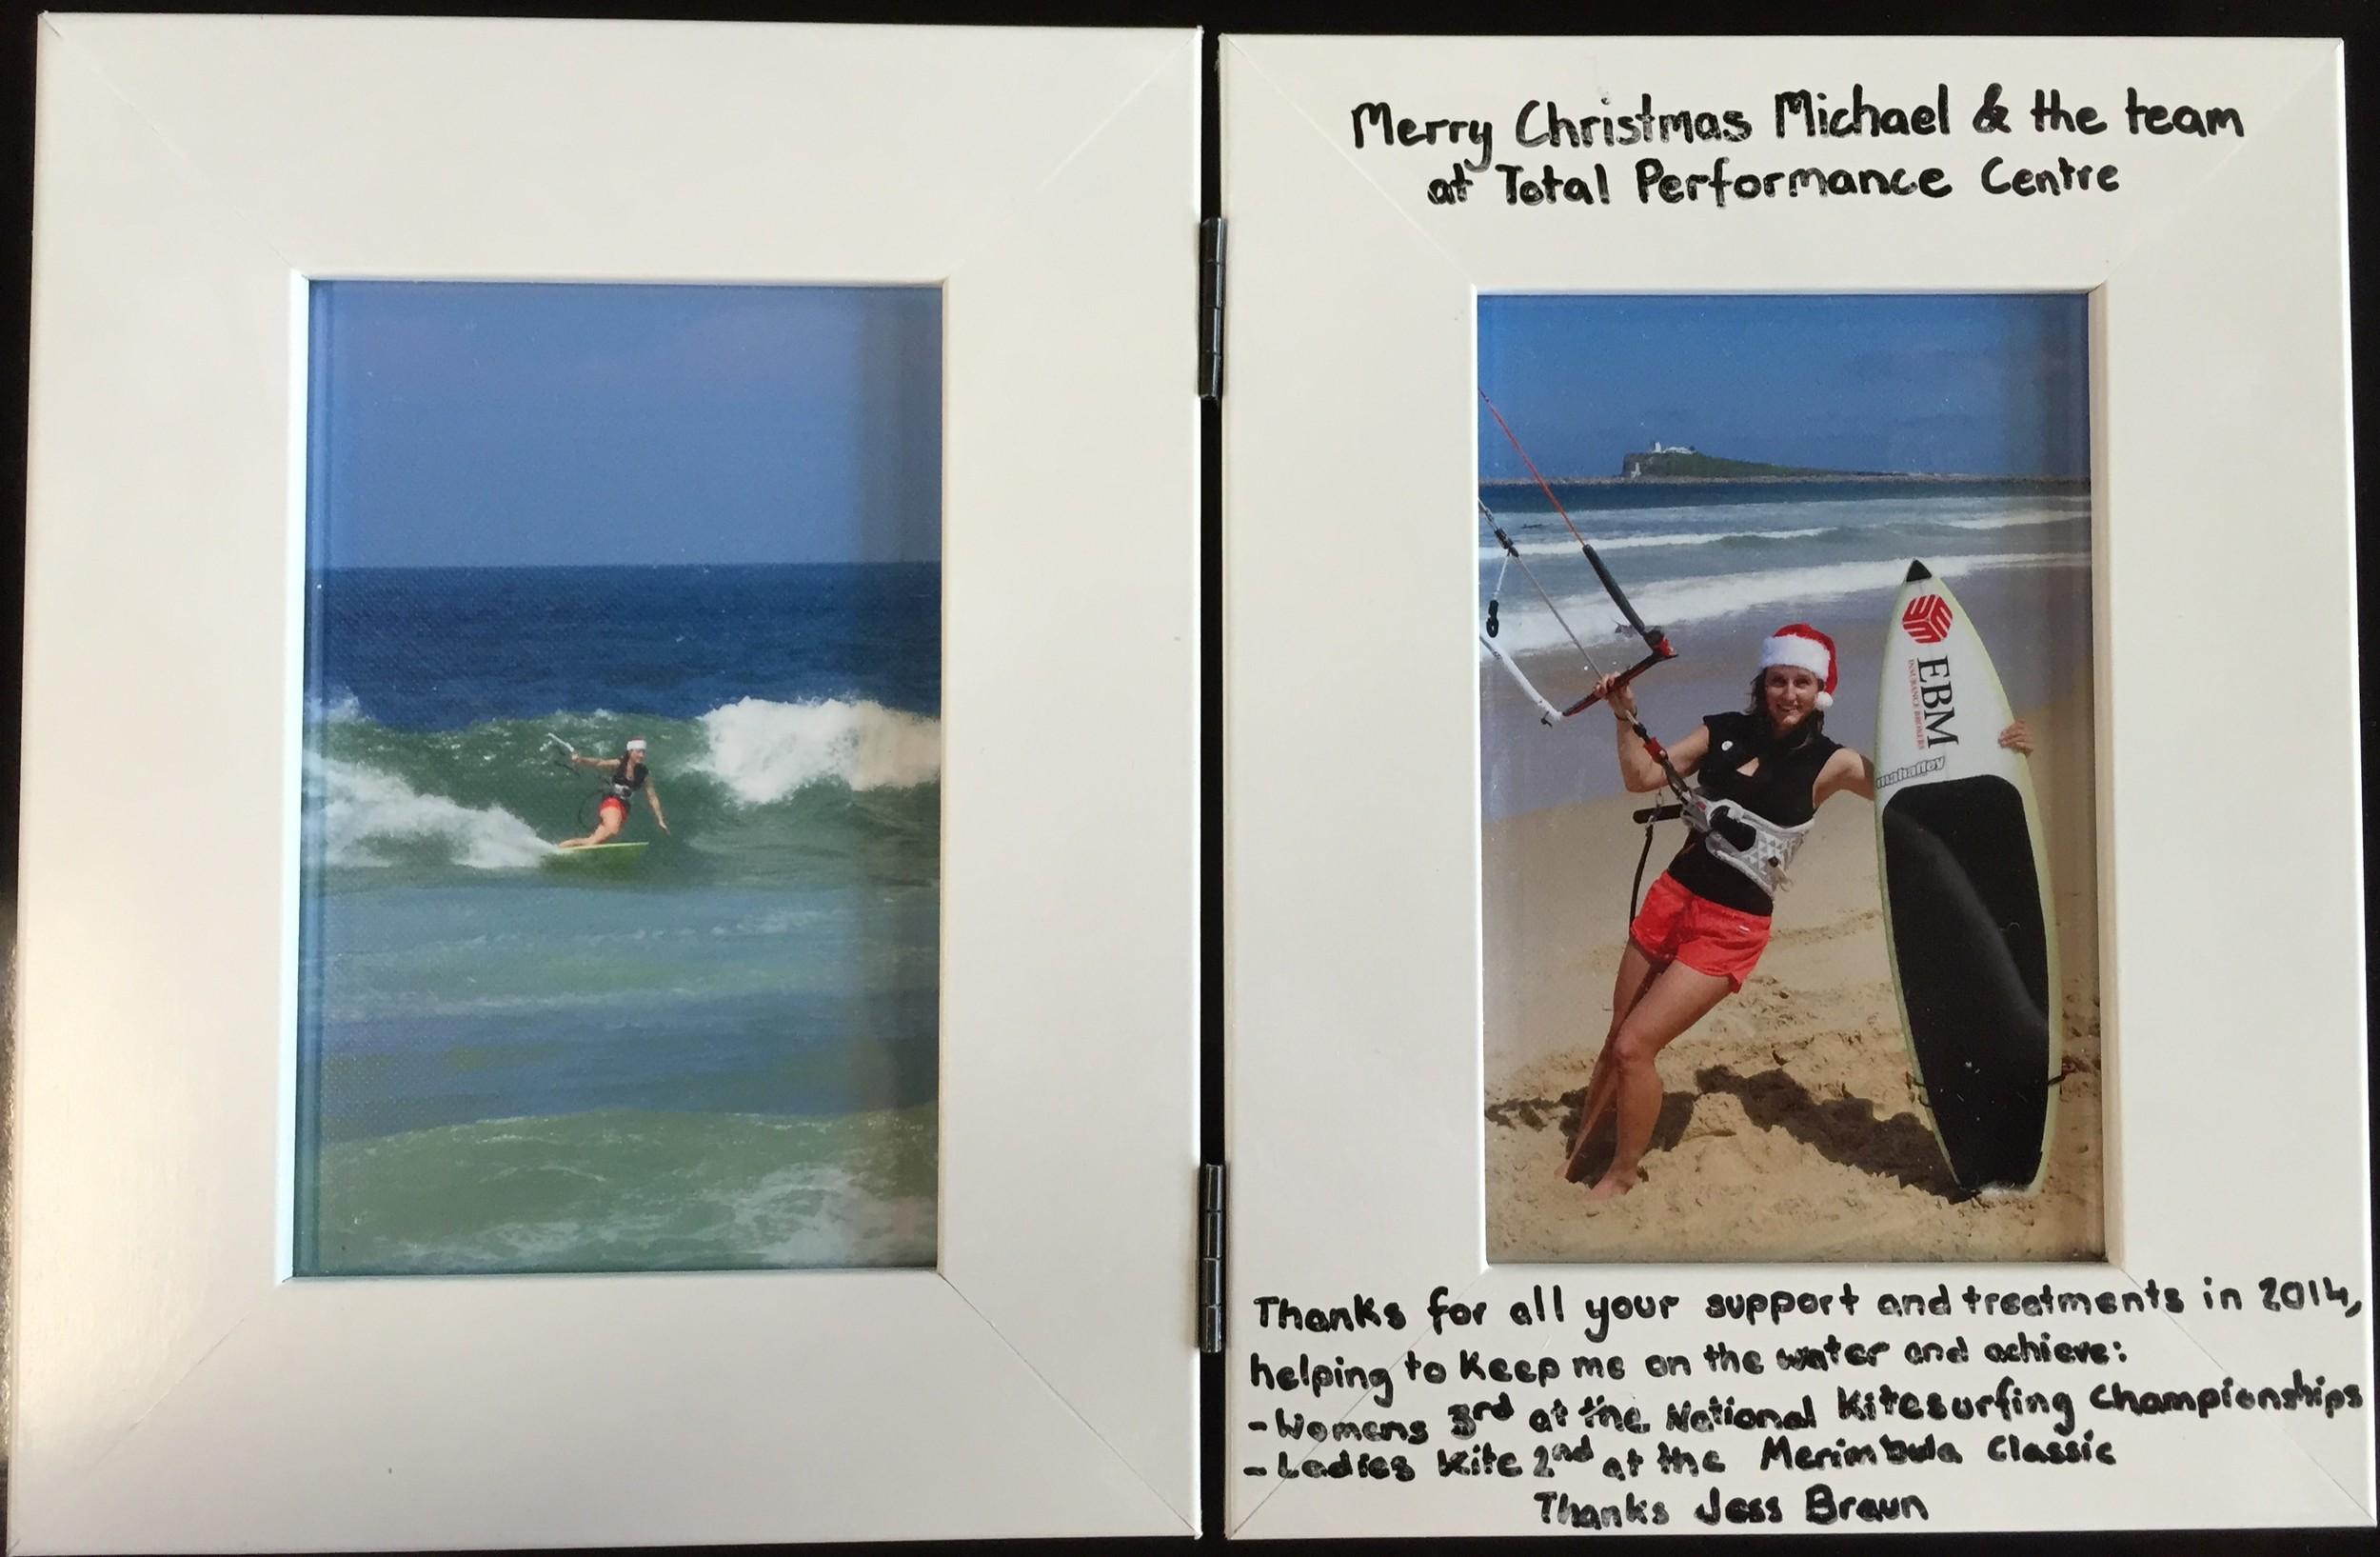 Jess Brown_Kite_Surfing_Champion